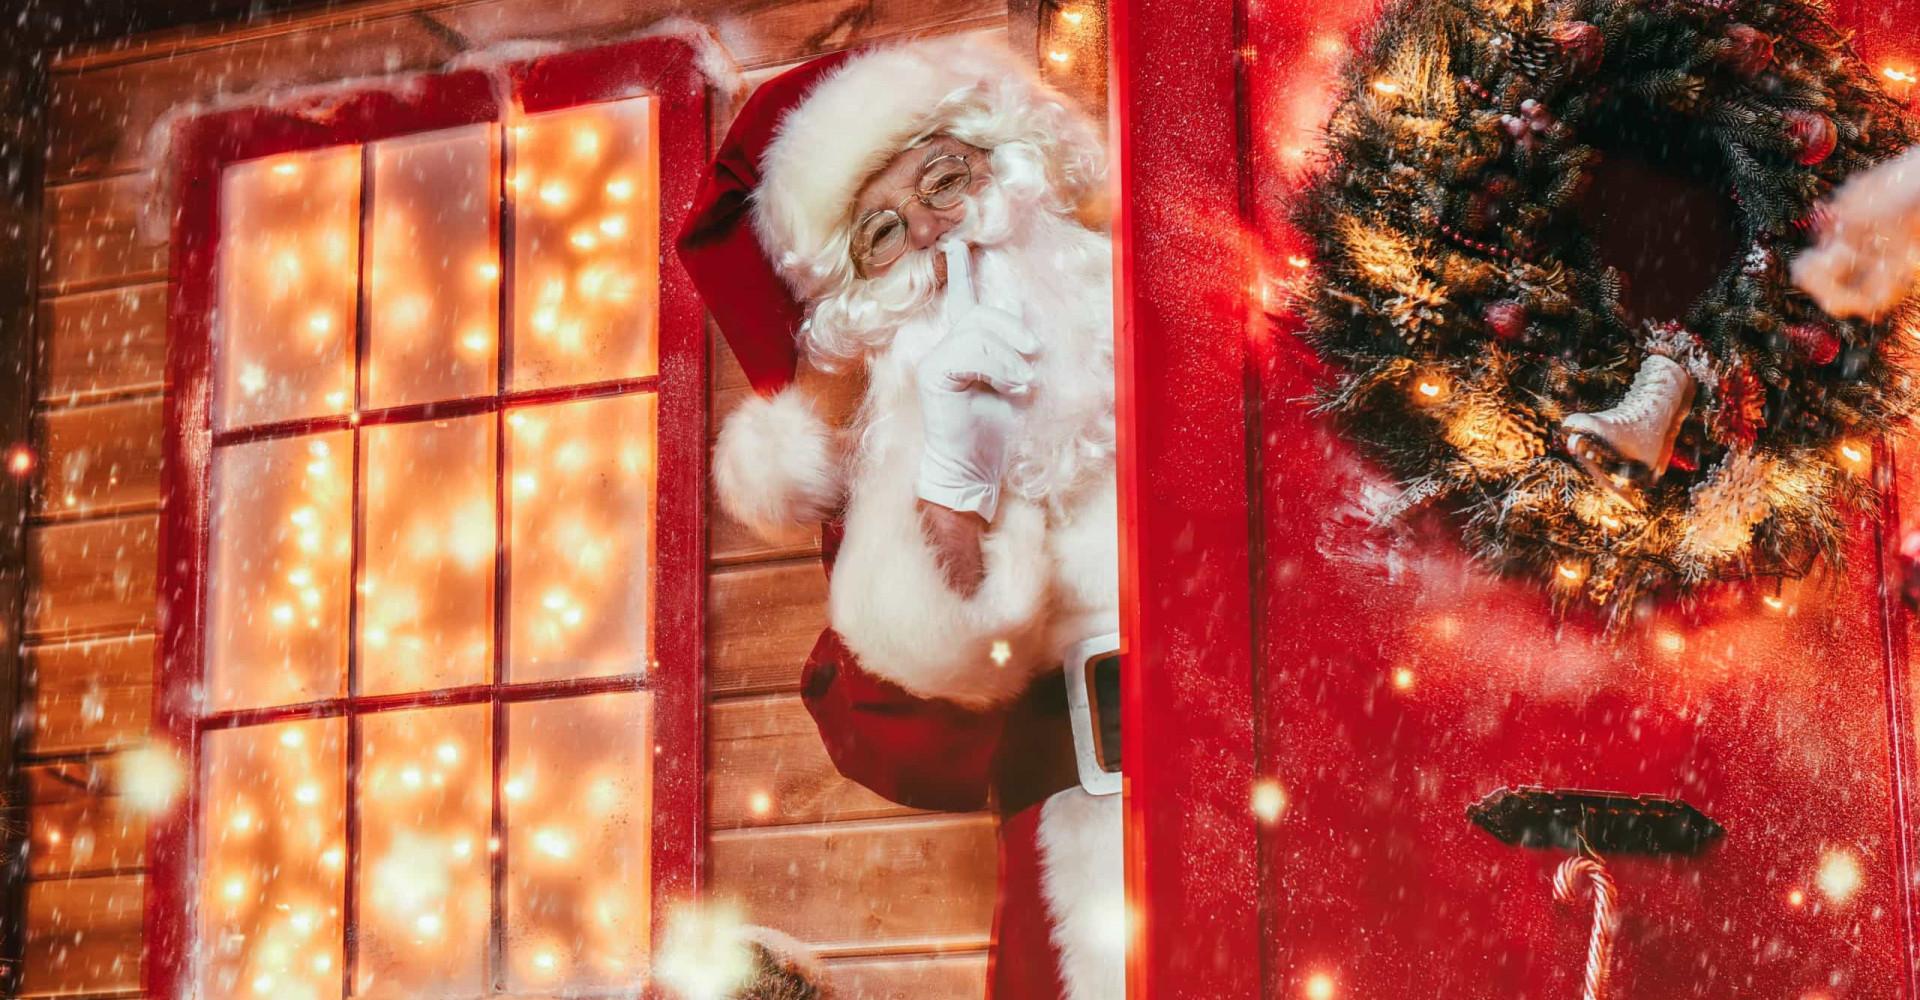 Lapônia: conheça os encantos da terra do Papai Noel!